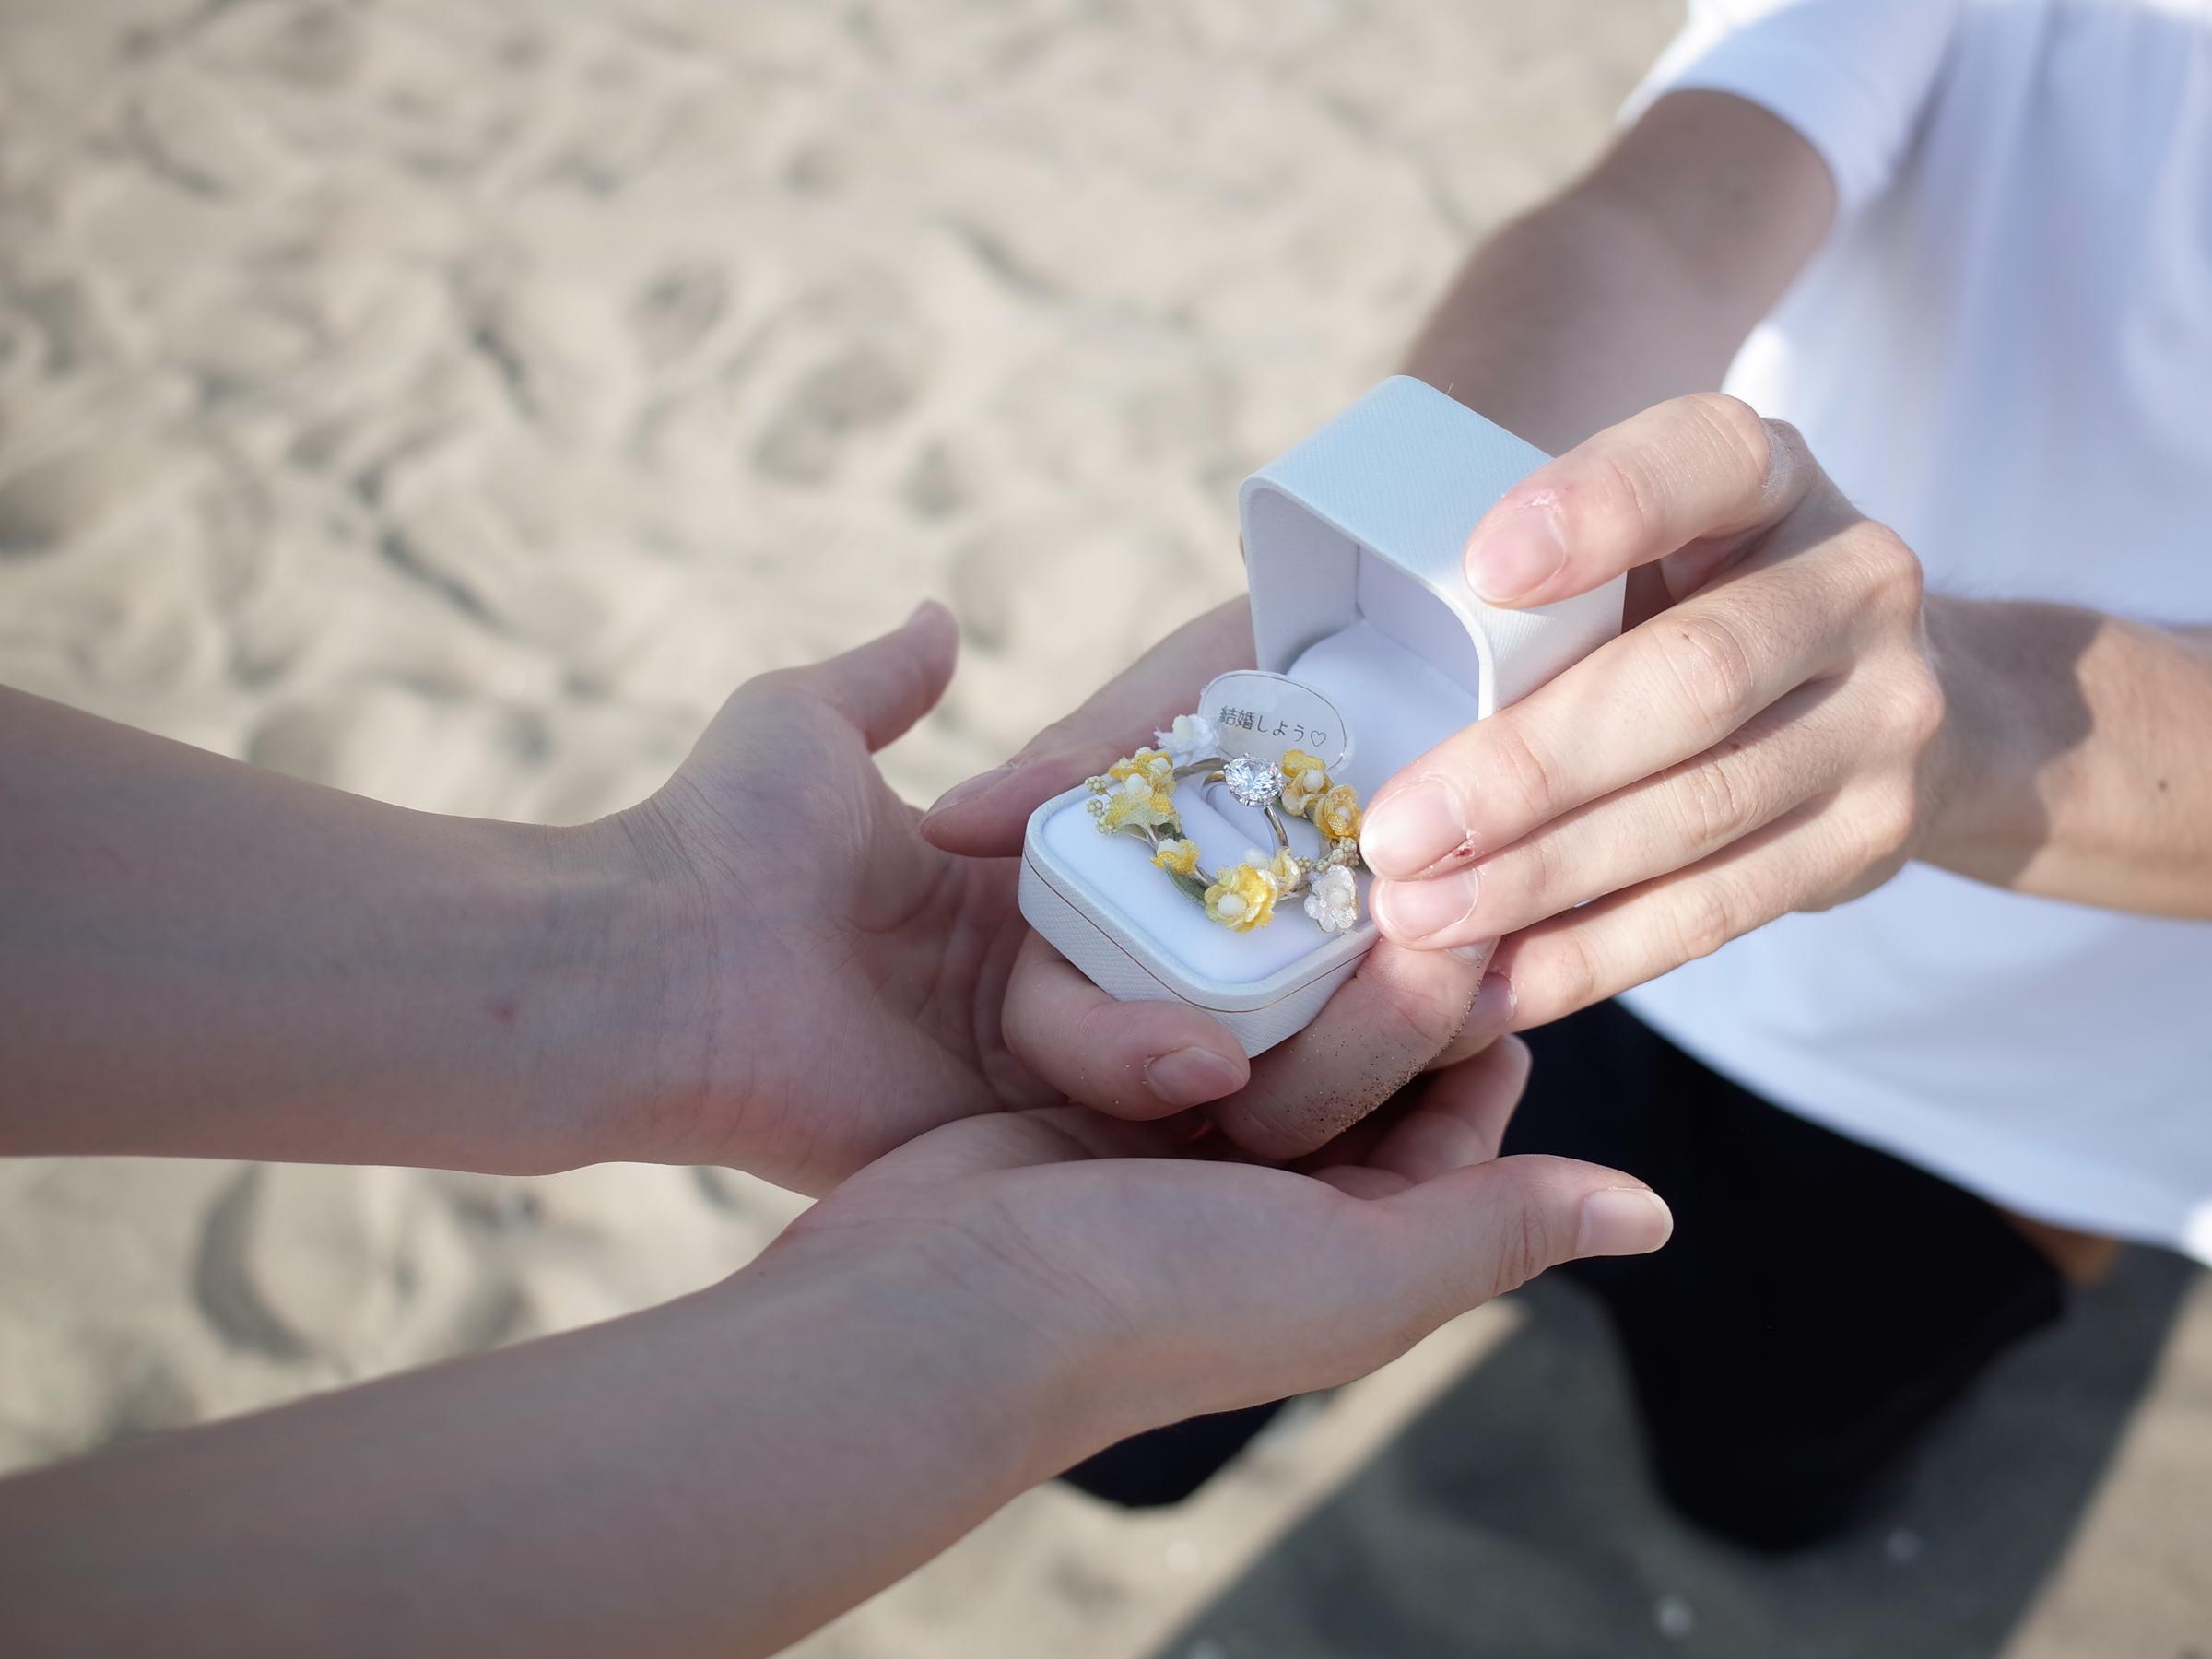 プロポーズアドバイザーにきくプロポーズにかかる費用と行う重要性